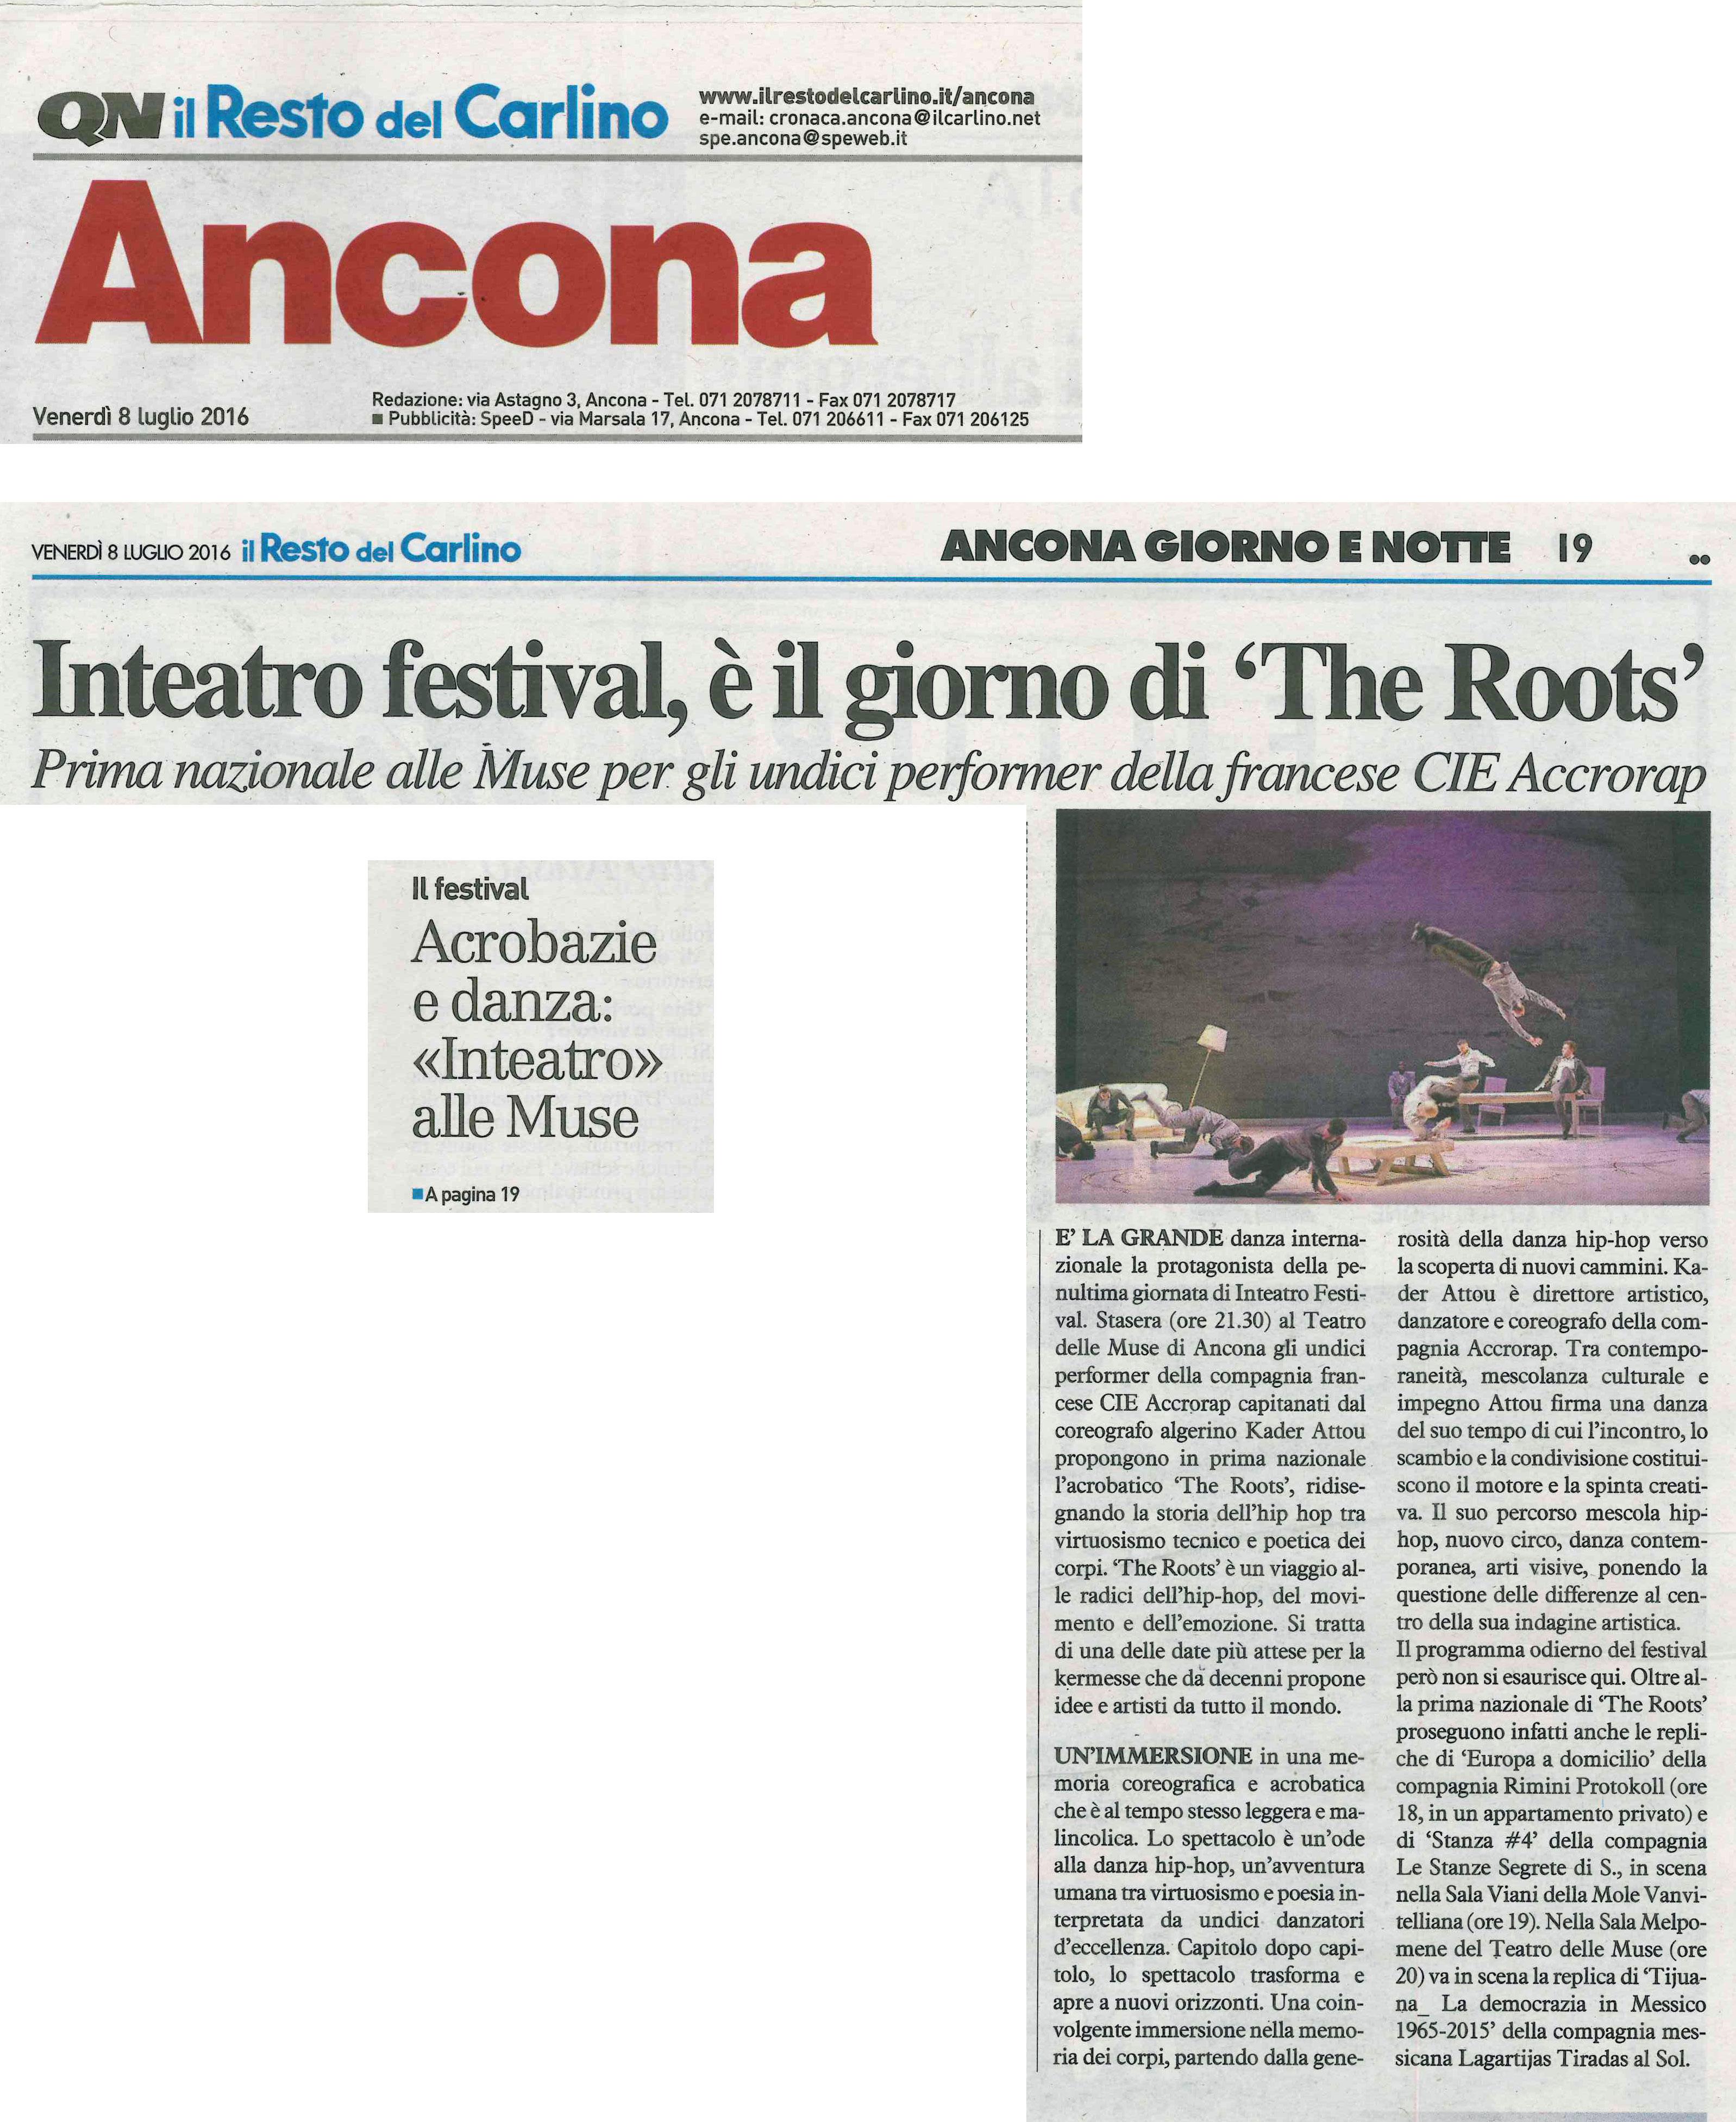 2016_07_08_inteatro-festival-è-il-gioprno-di-the-roots_il-resto-delc-aerlino